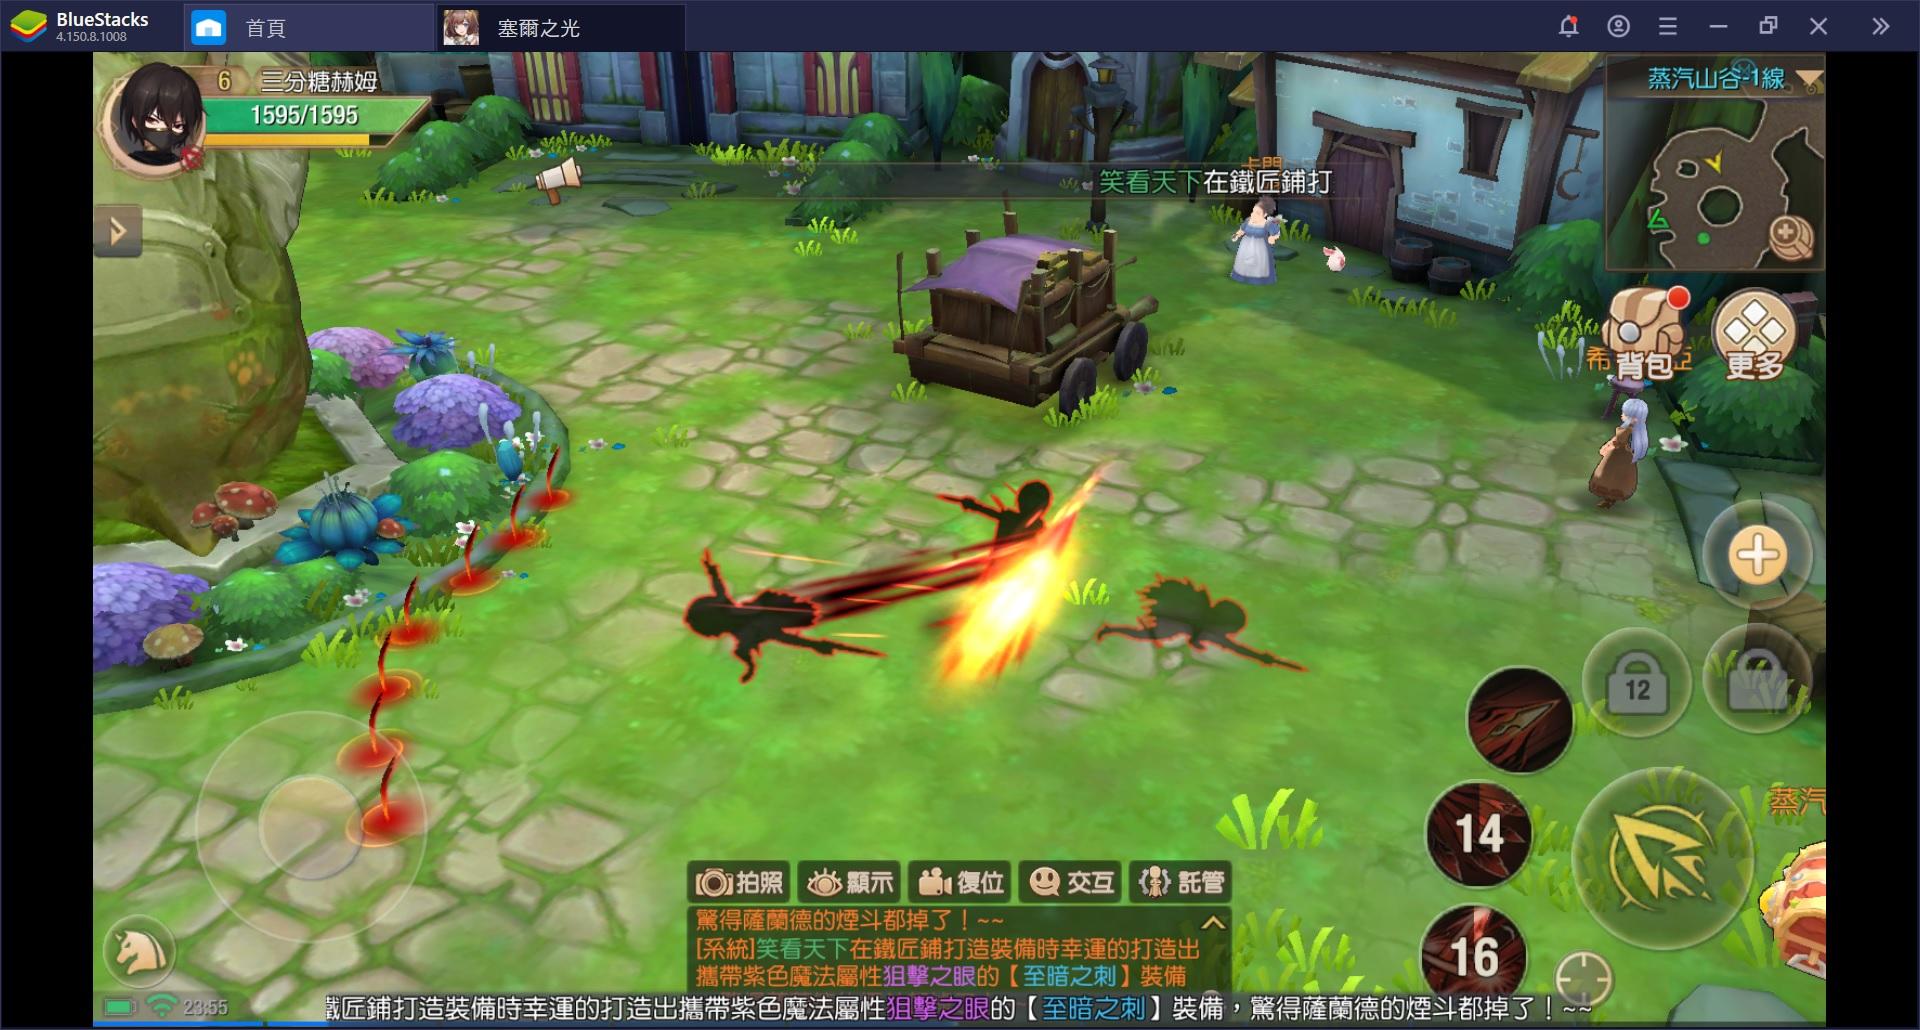 使用BlueStacks體驗日系奇幻冒險 MMORPG 塞爾之光